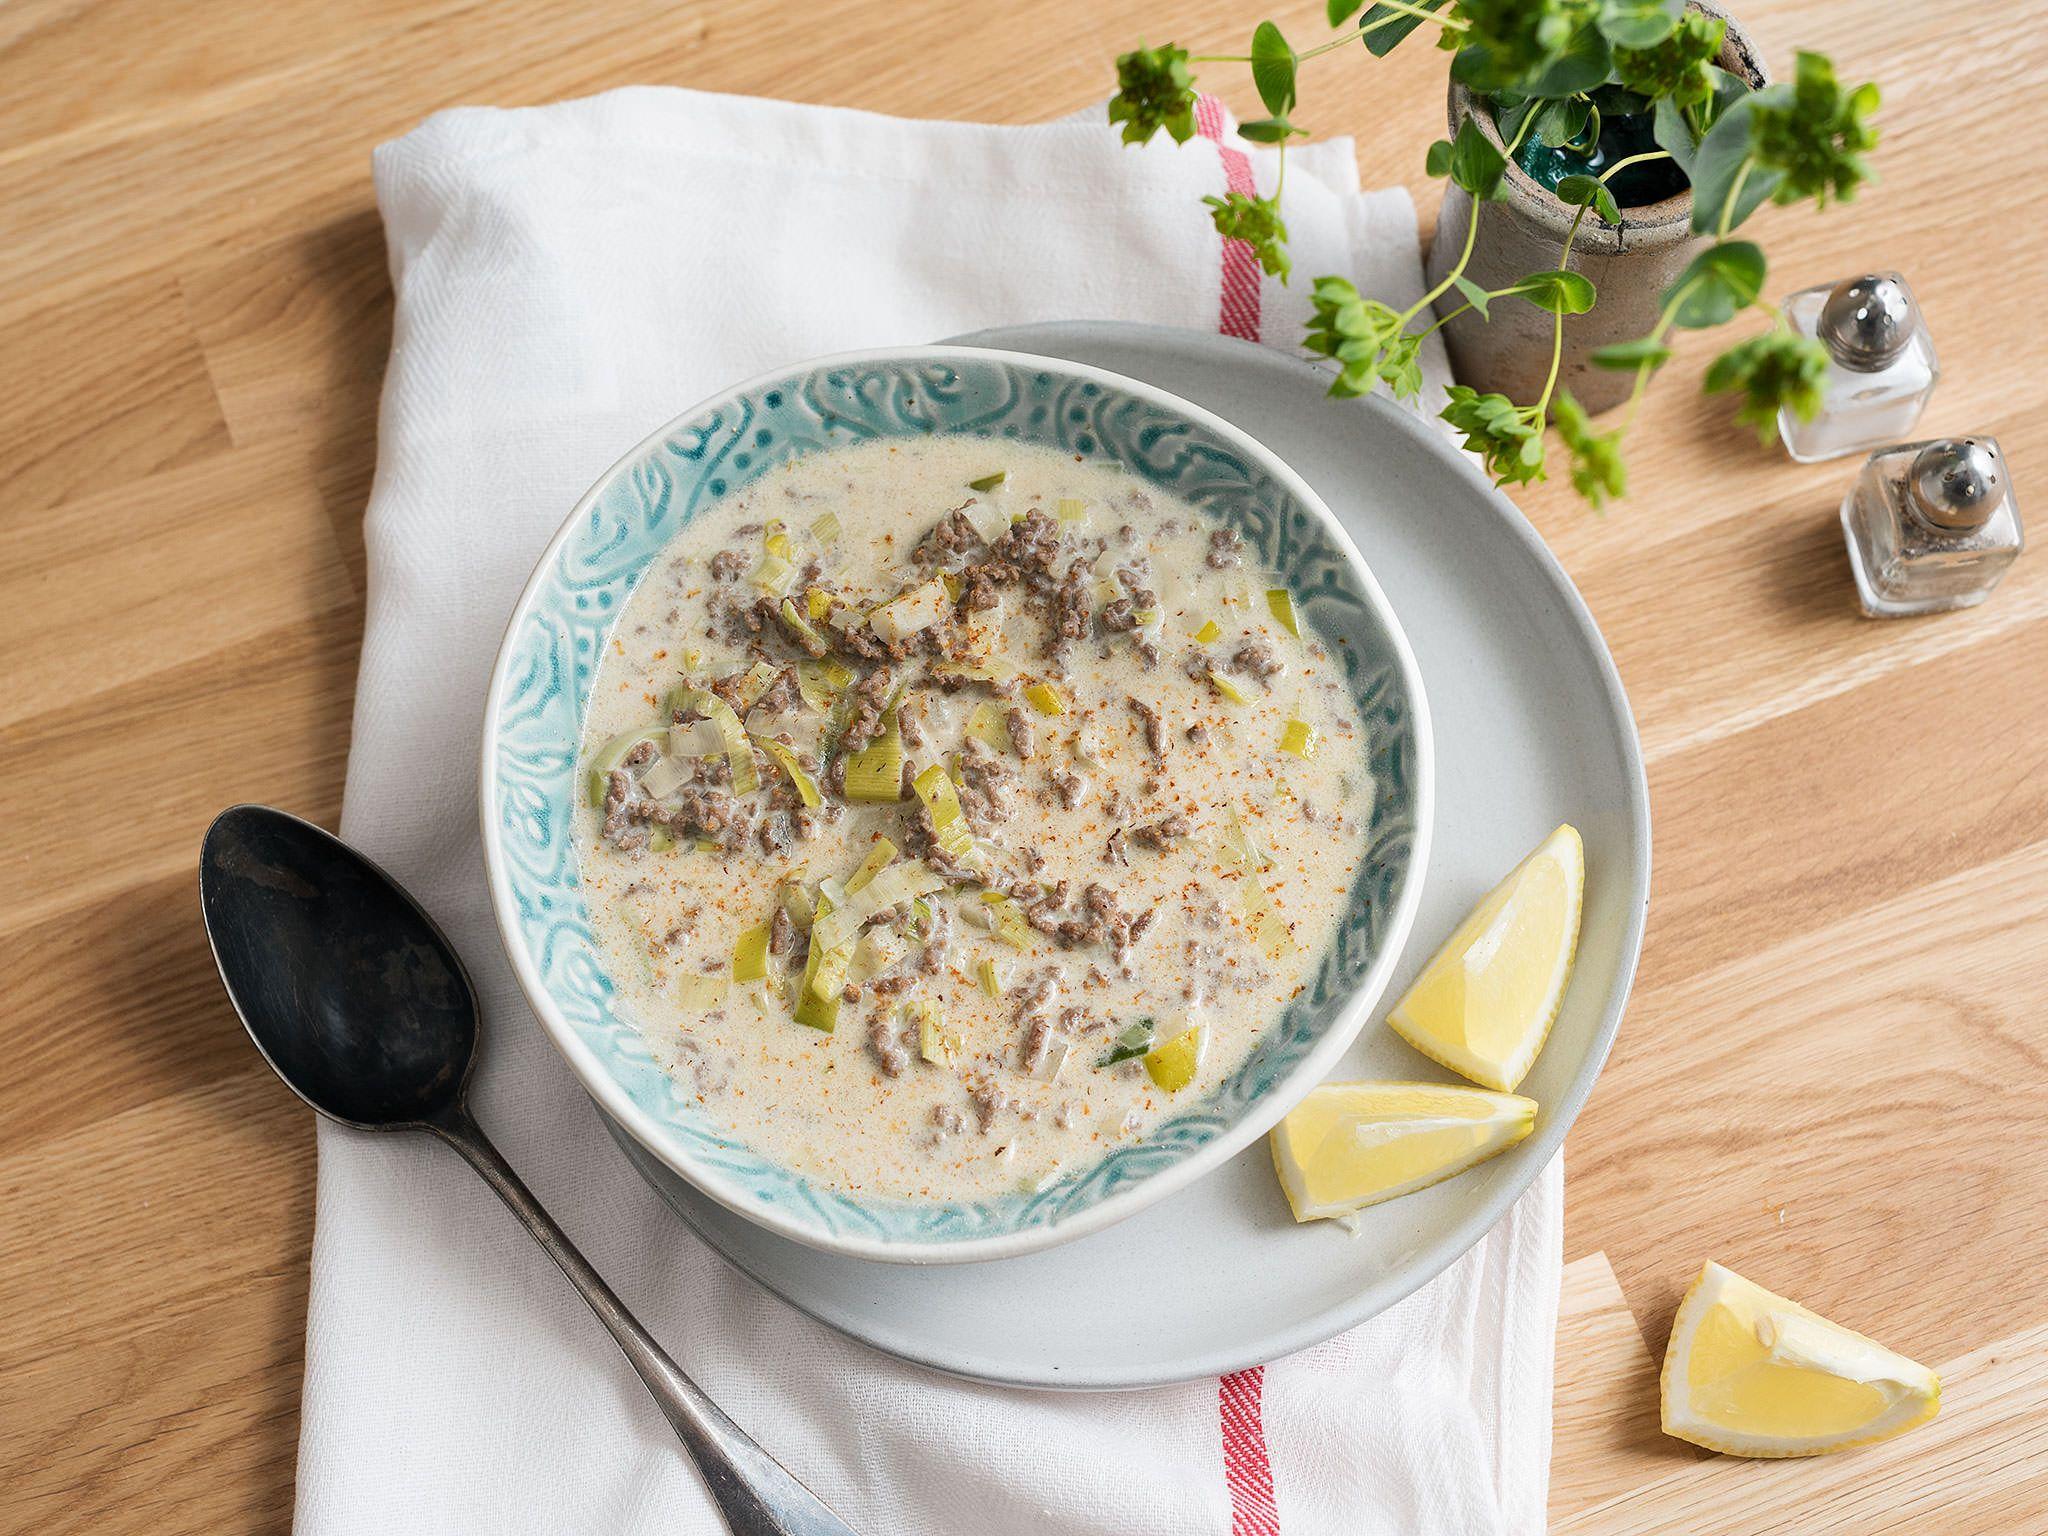 Köstliche Käse-Lauch-Suppe mit Hackfleisch | Kitchen Stories